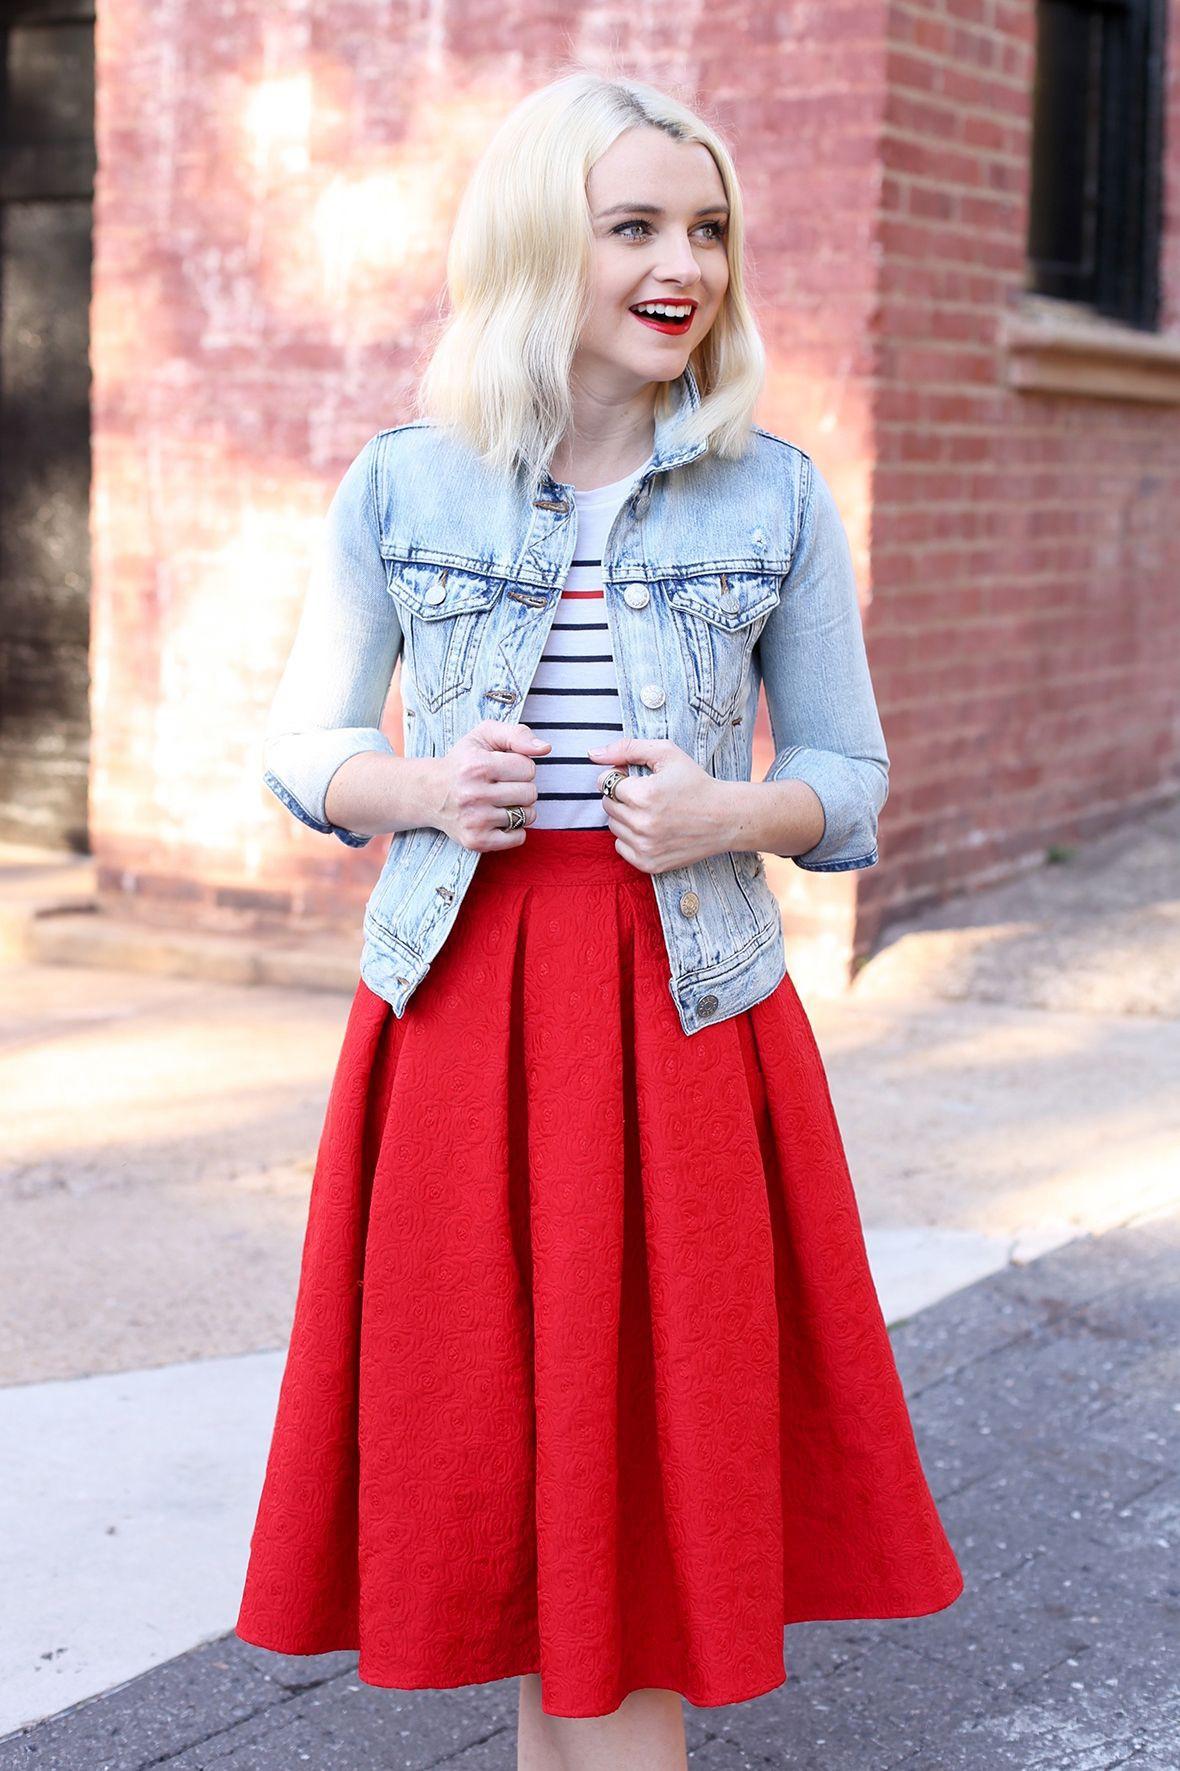 Awesome cool girl red skirt, Skirt Short